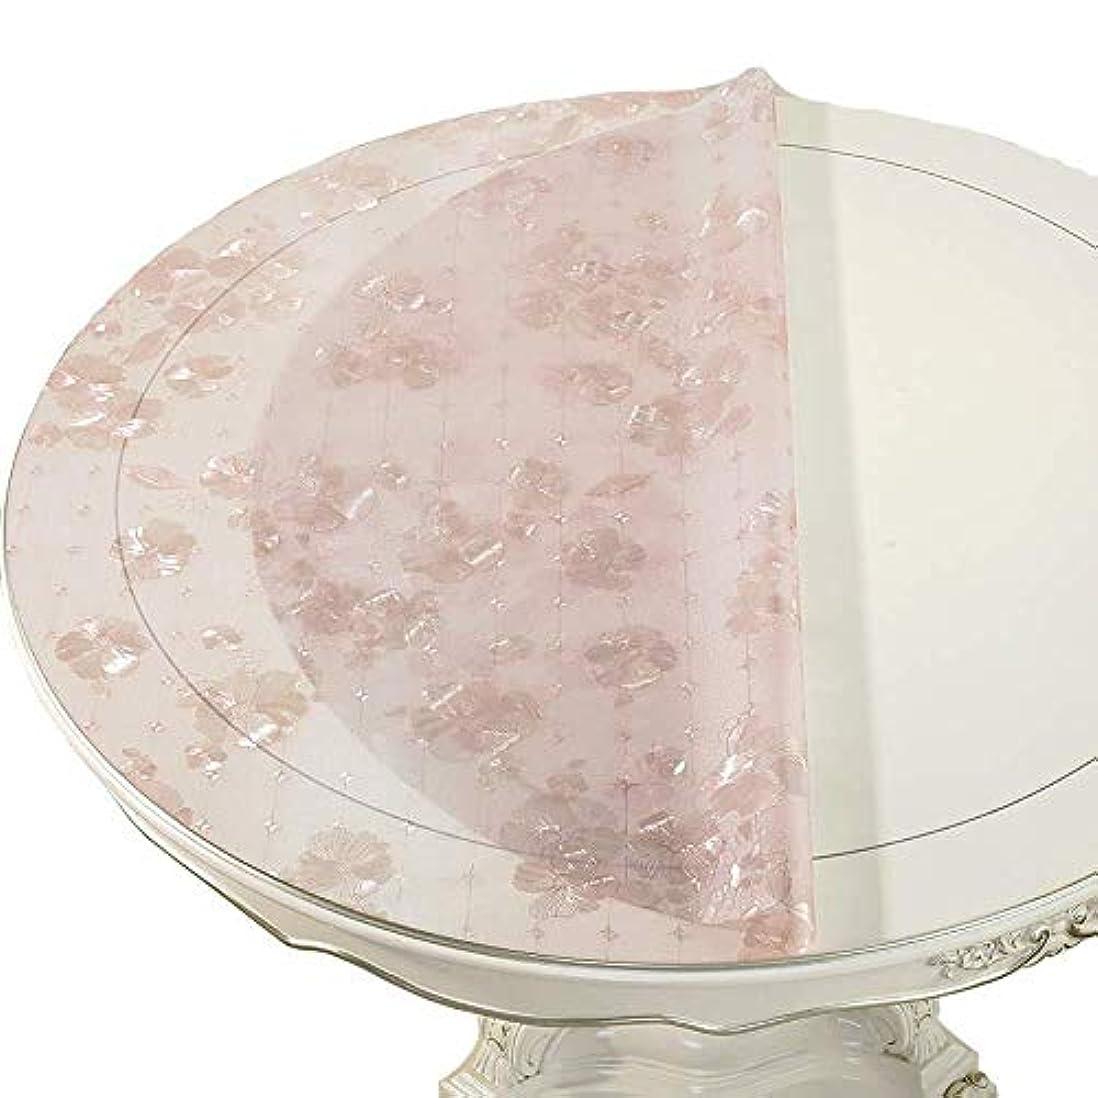 宴会子孫普遍的なクリスマス テーブル クロス PVCラウンドウェブ不透過性の抗火傷油のテストレストラン柔軟なガラステーブルマット 無臭 (Size : 135cm)